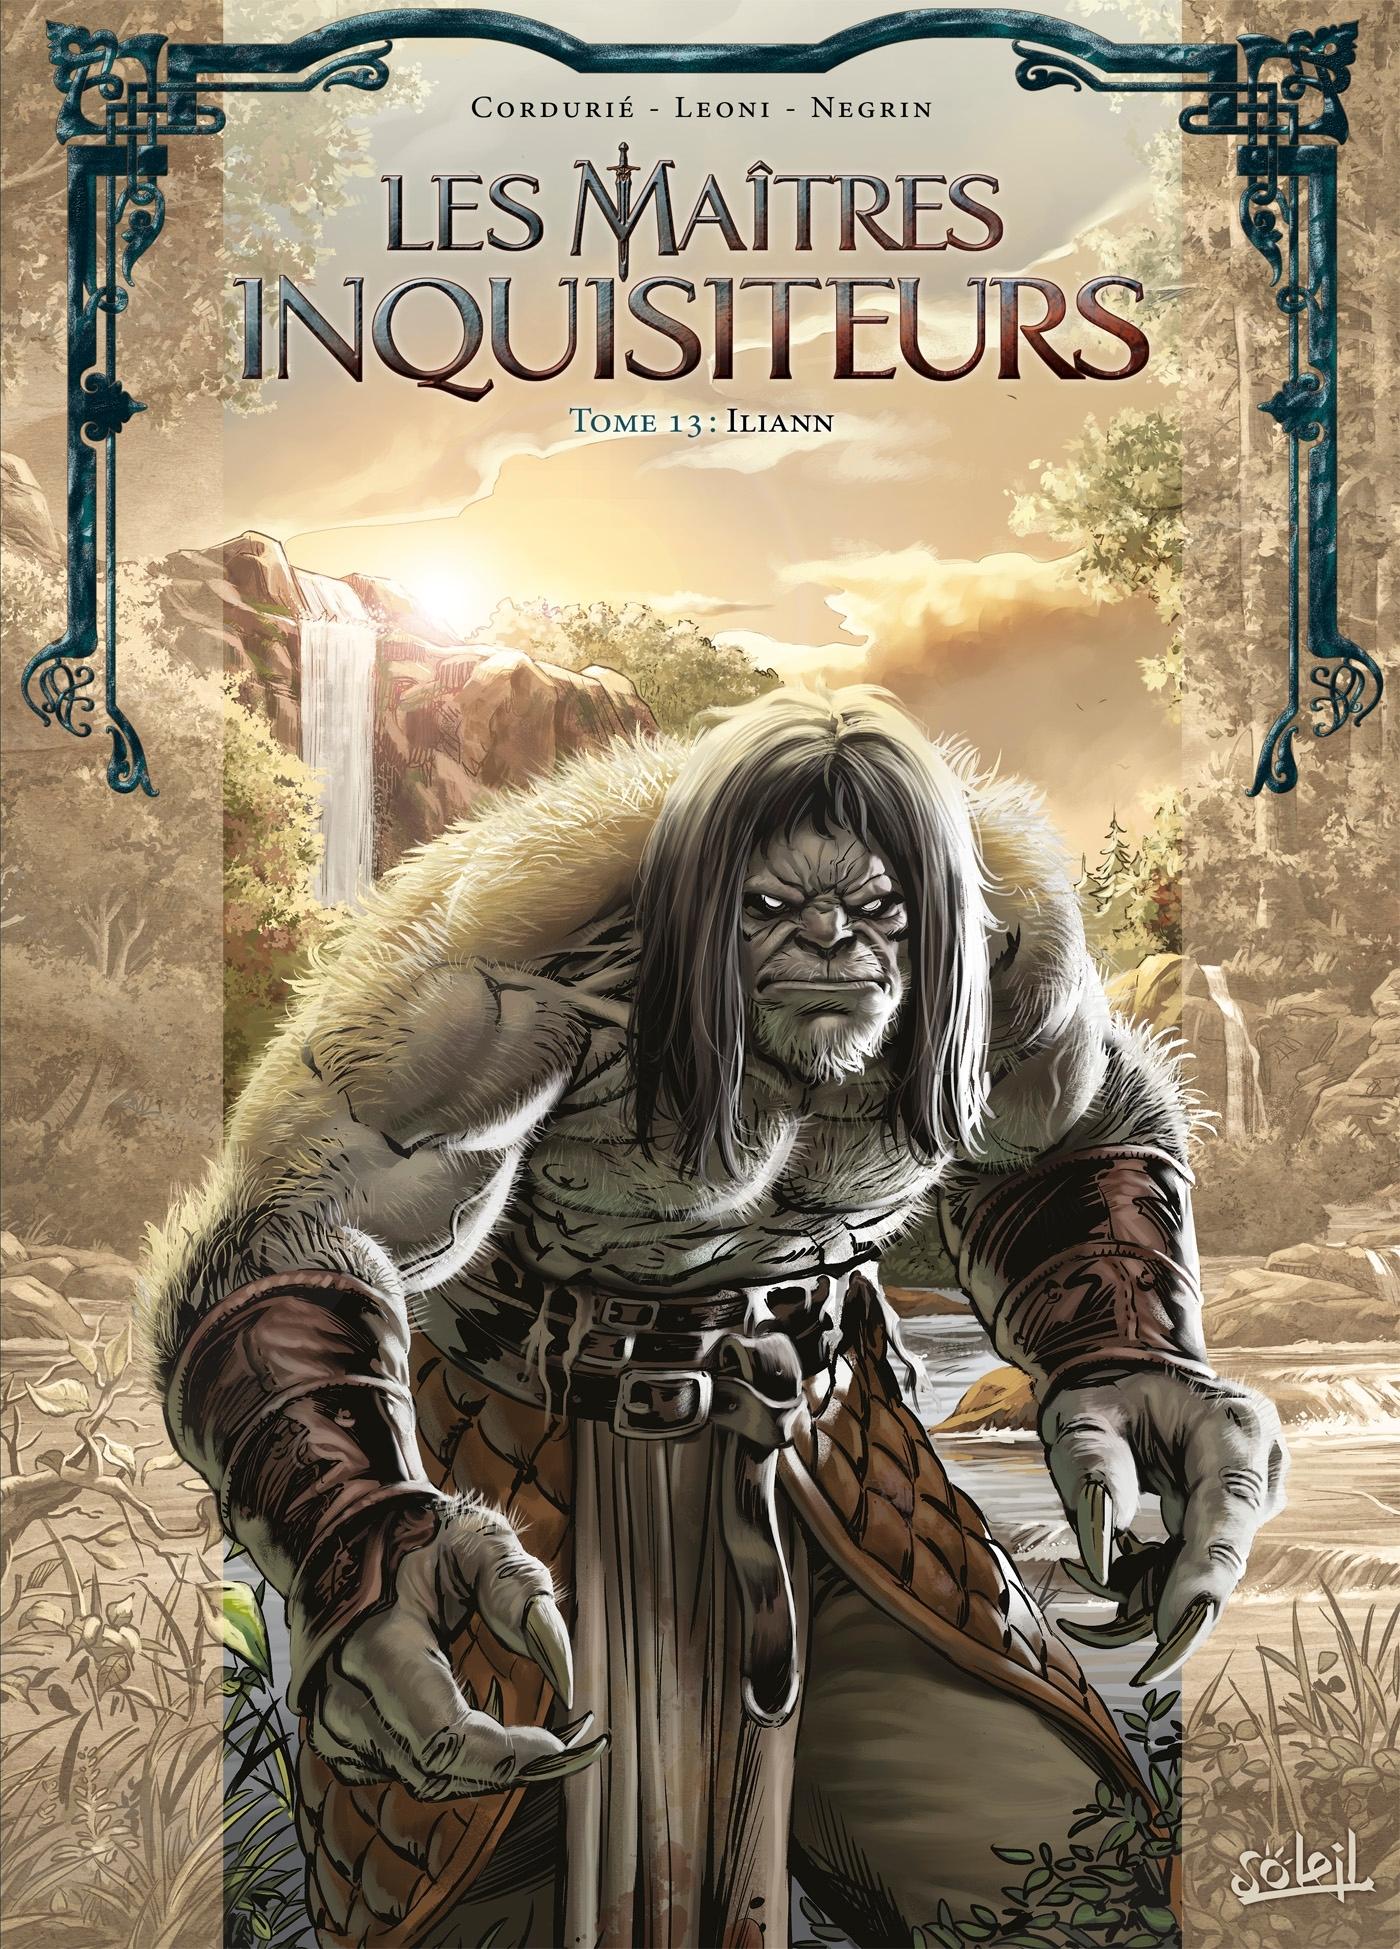 LES MAITRES INQUISITEURS - T13 - LES MAITRES INQUISITEURS 13 - ILIANN